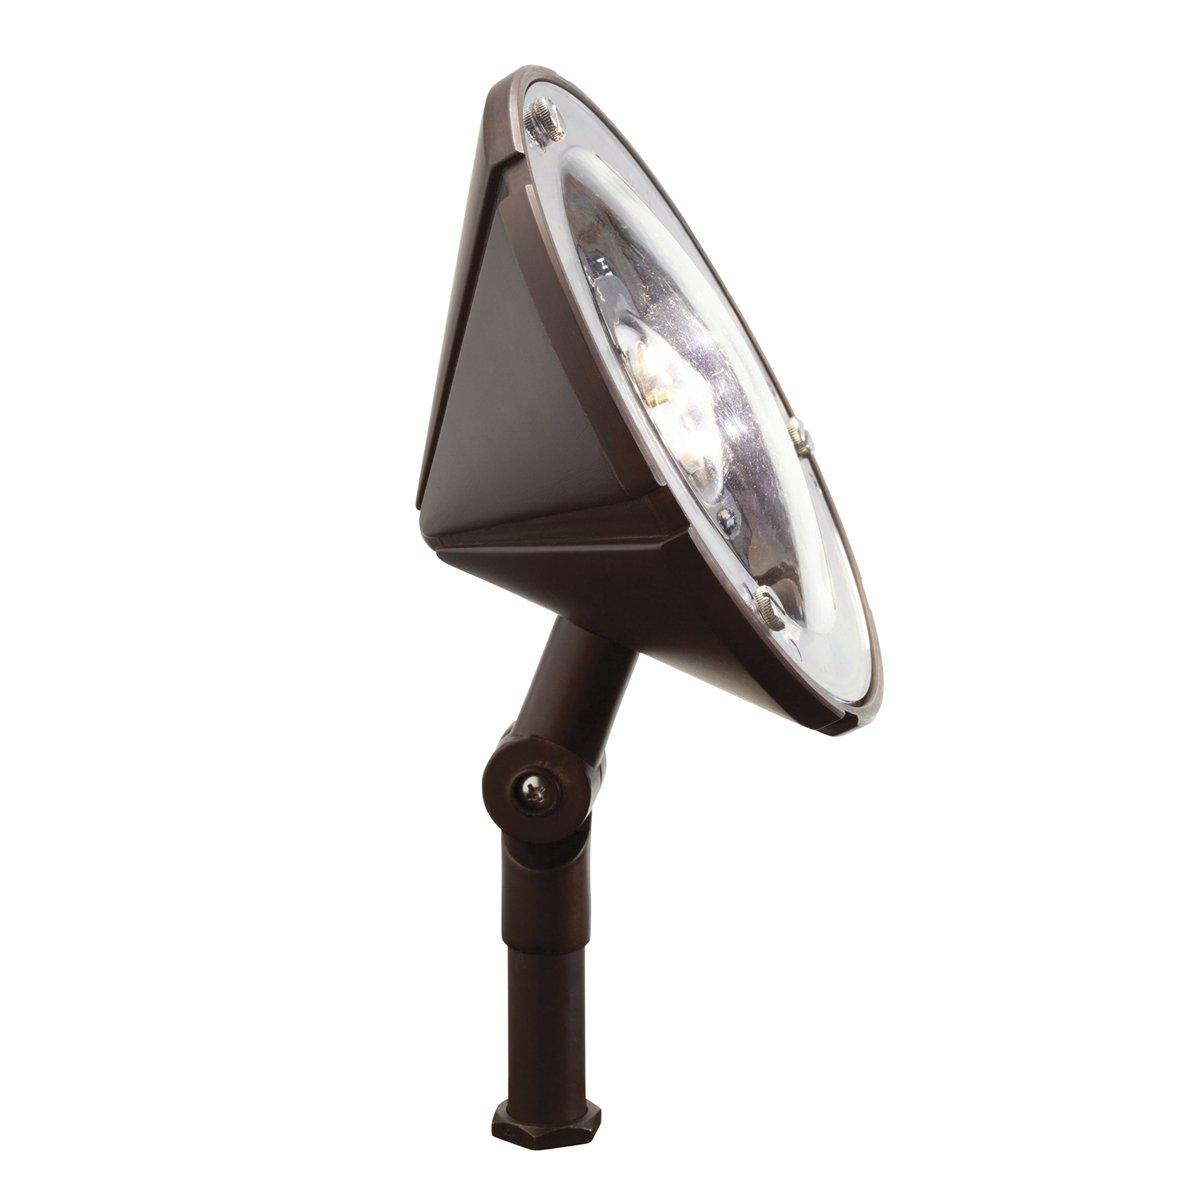 Kichler Lighting 15861BBR Landscape Wash LED Flood Light, Bronzed Brass